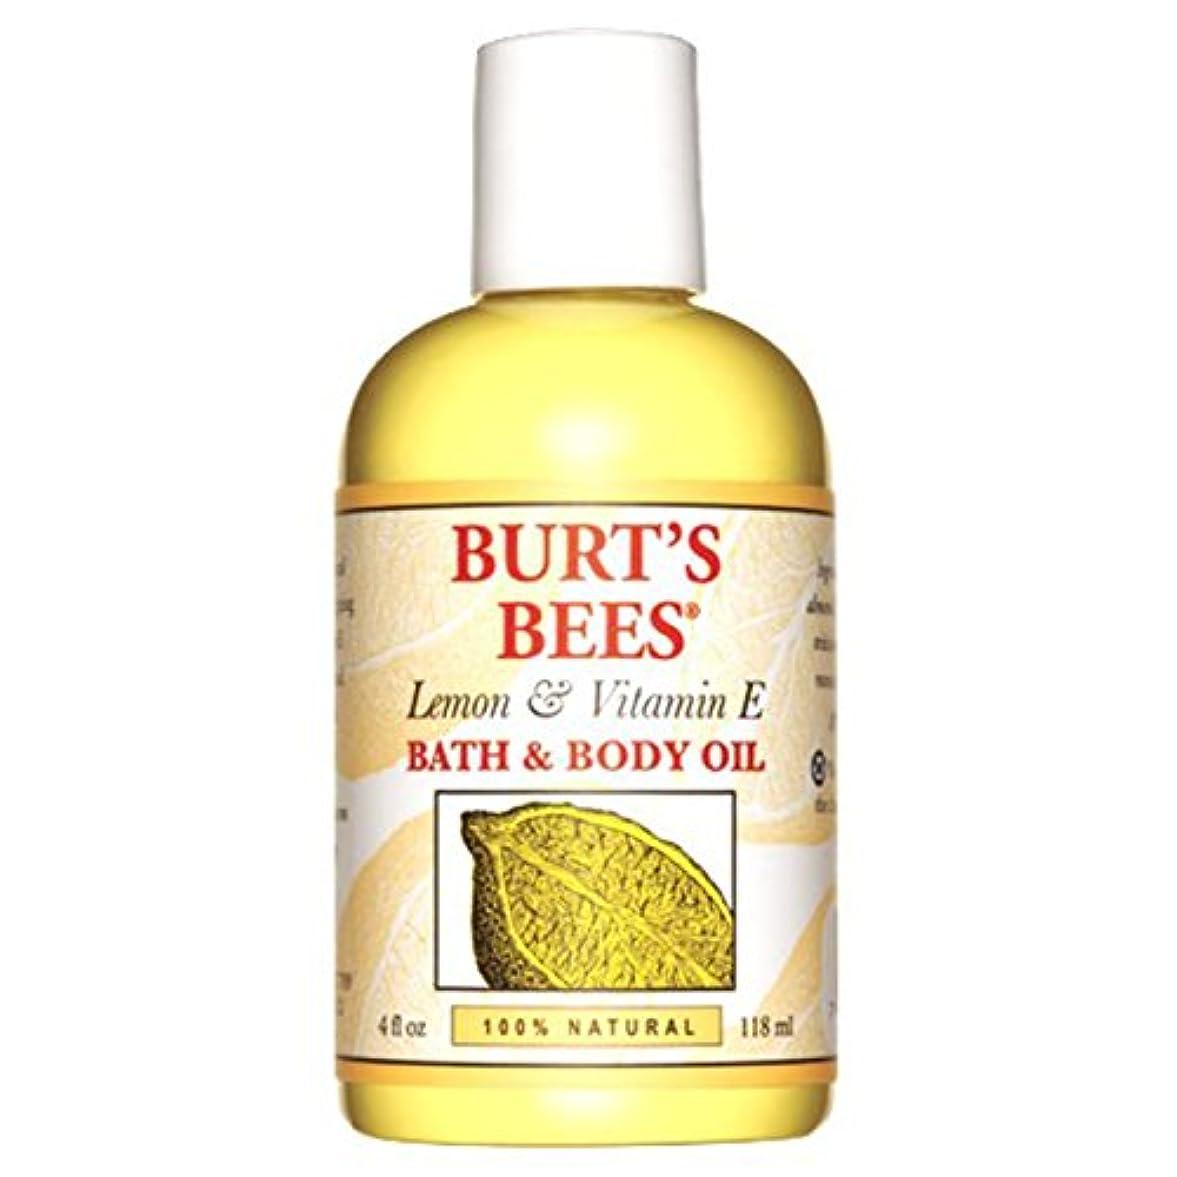 発音遅いうまれたバーツビーズ (Burt's Bees) L&E バス&ボディオイル 118ml